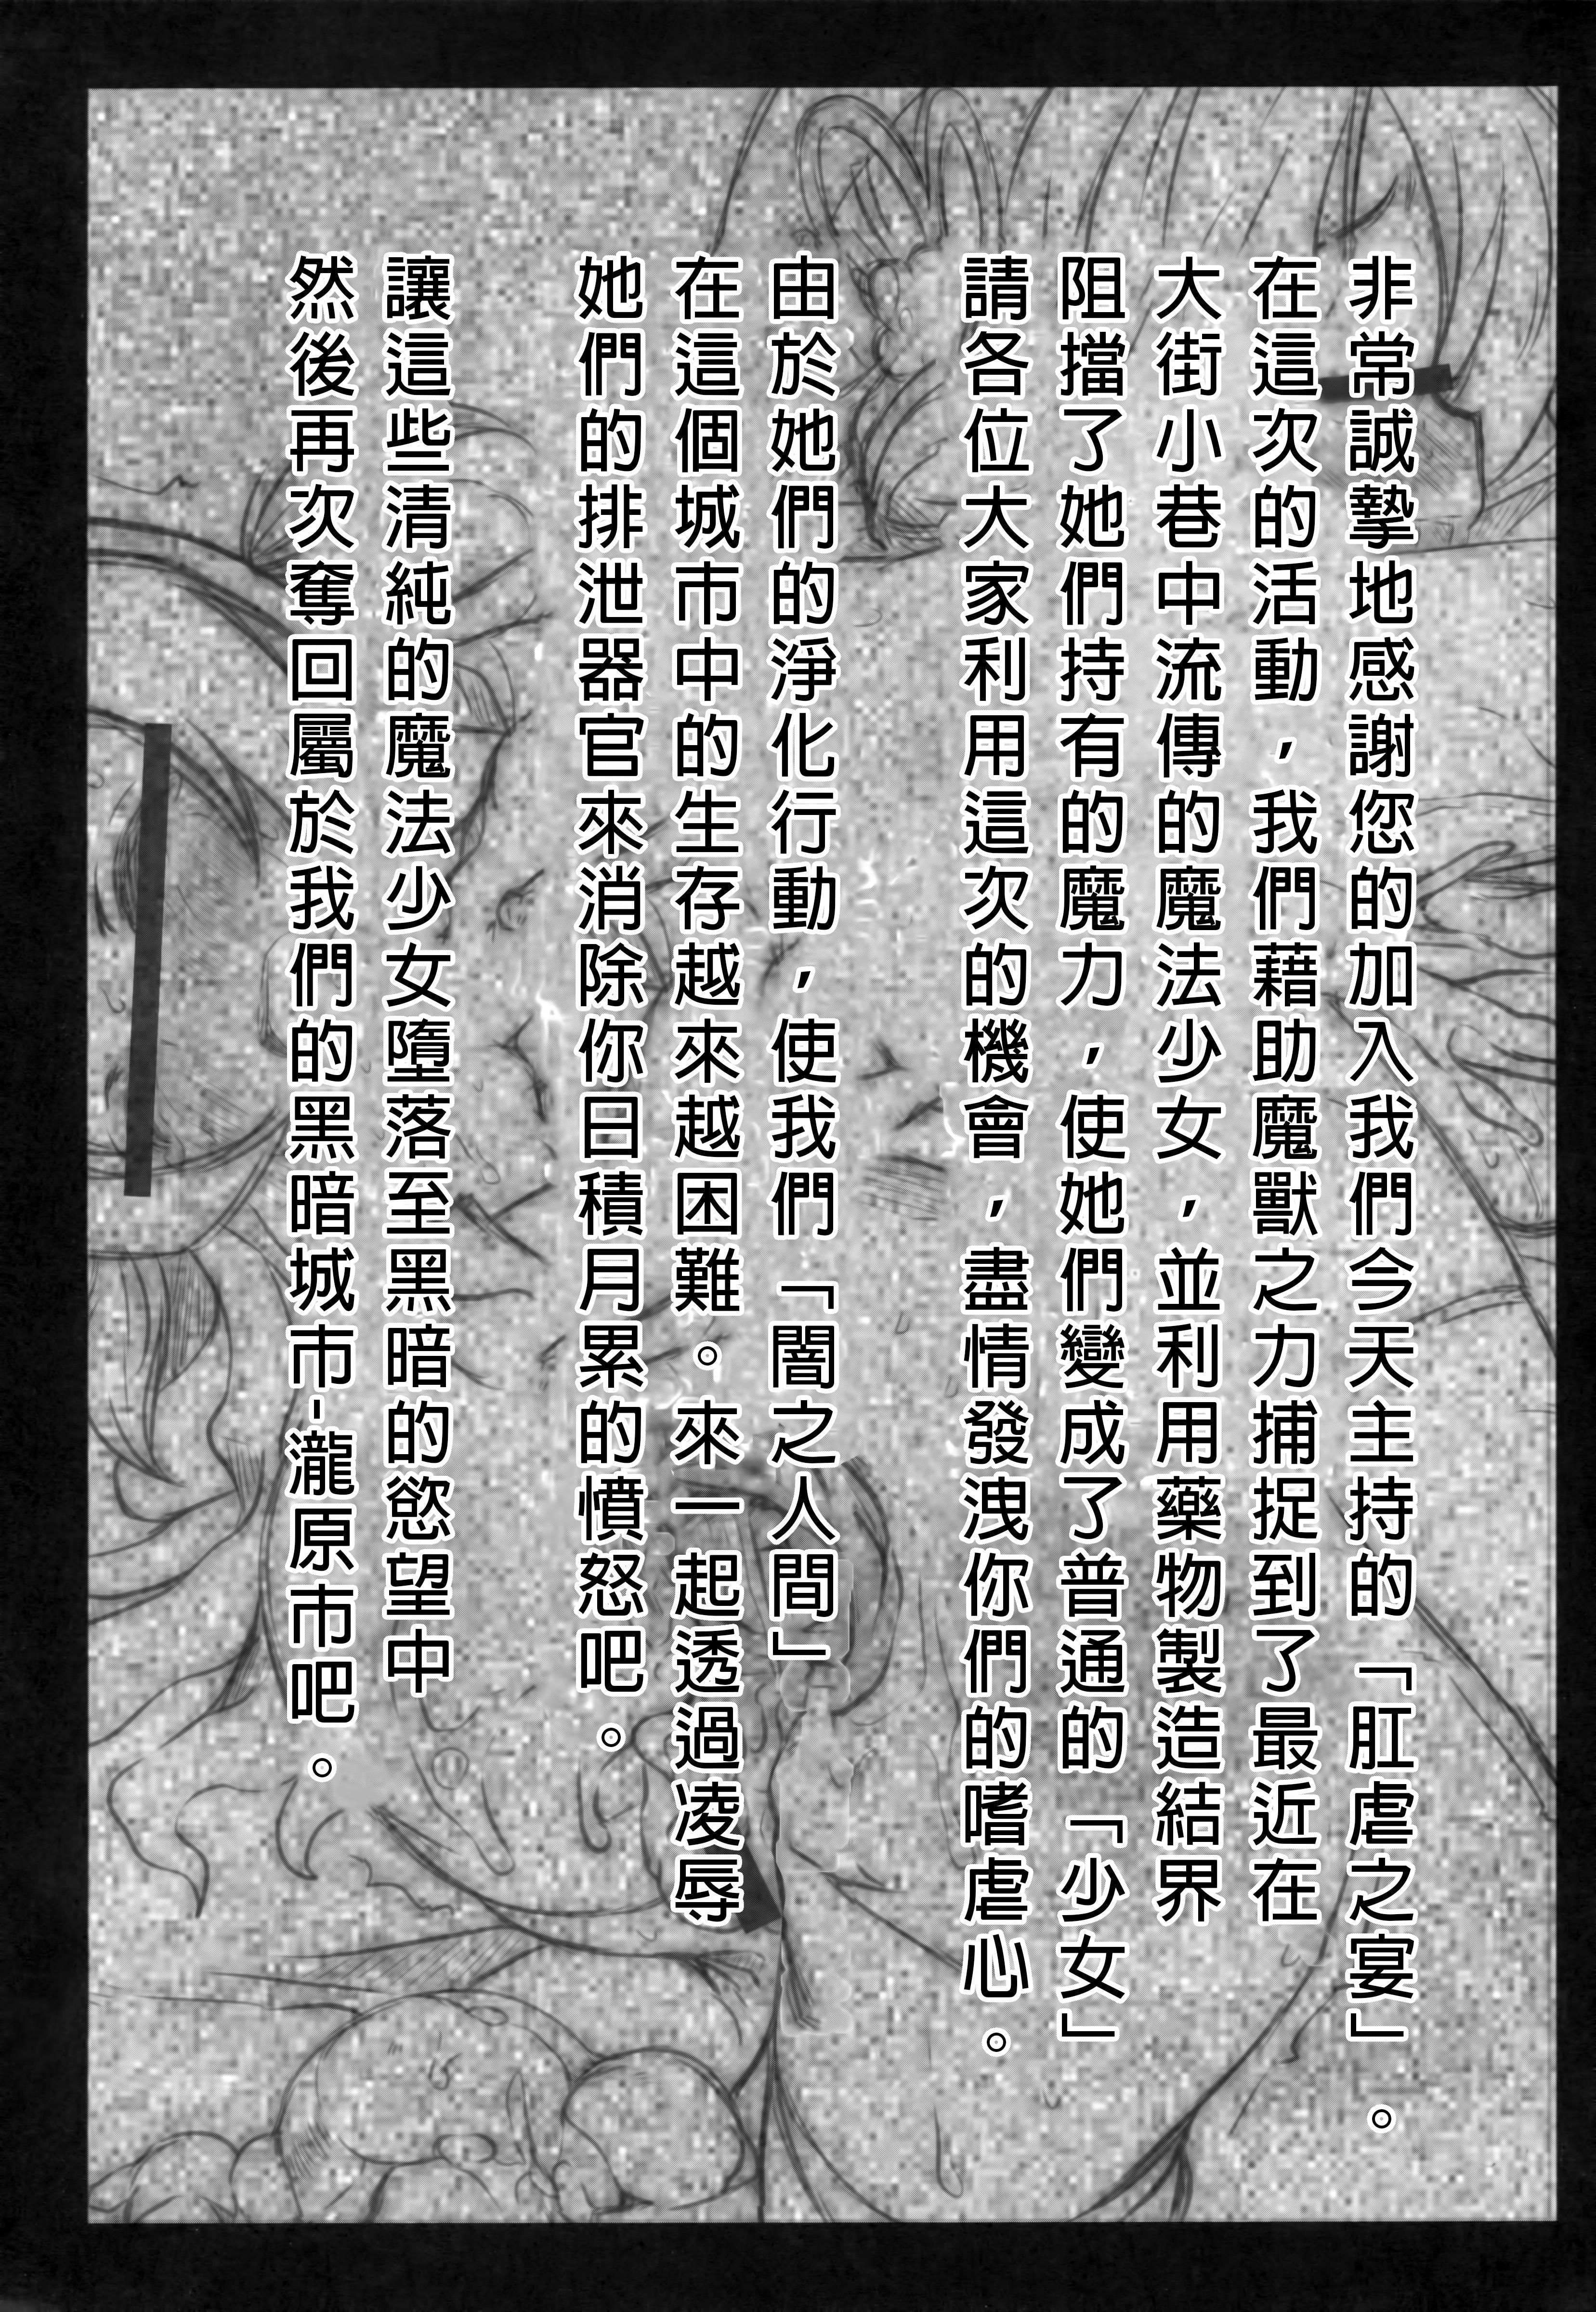 Mahou Shoujo Kougyaku no Utage 2